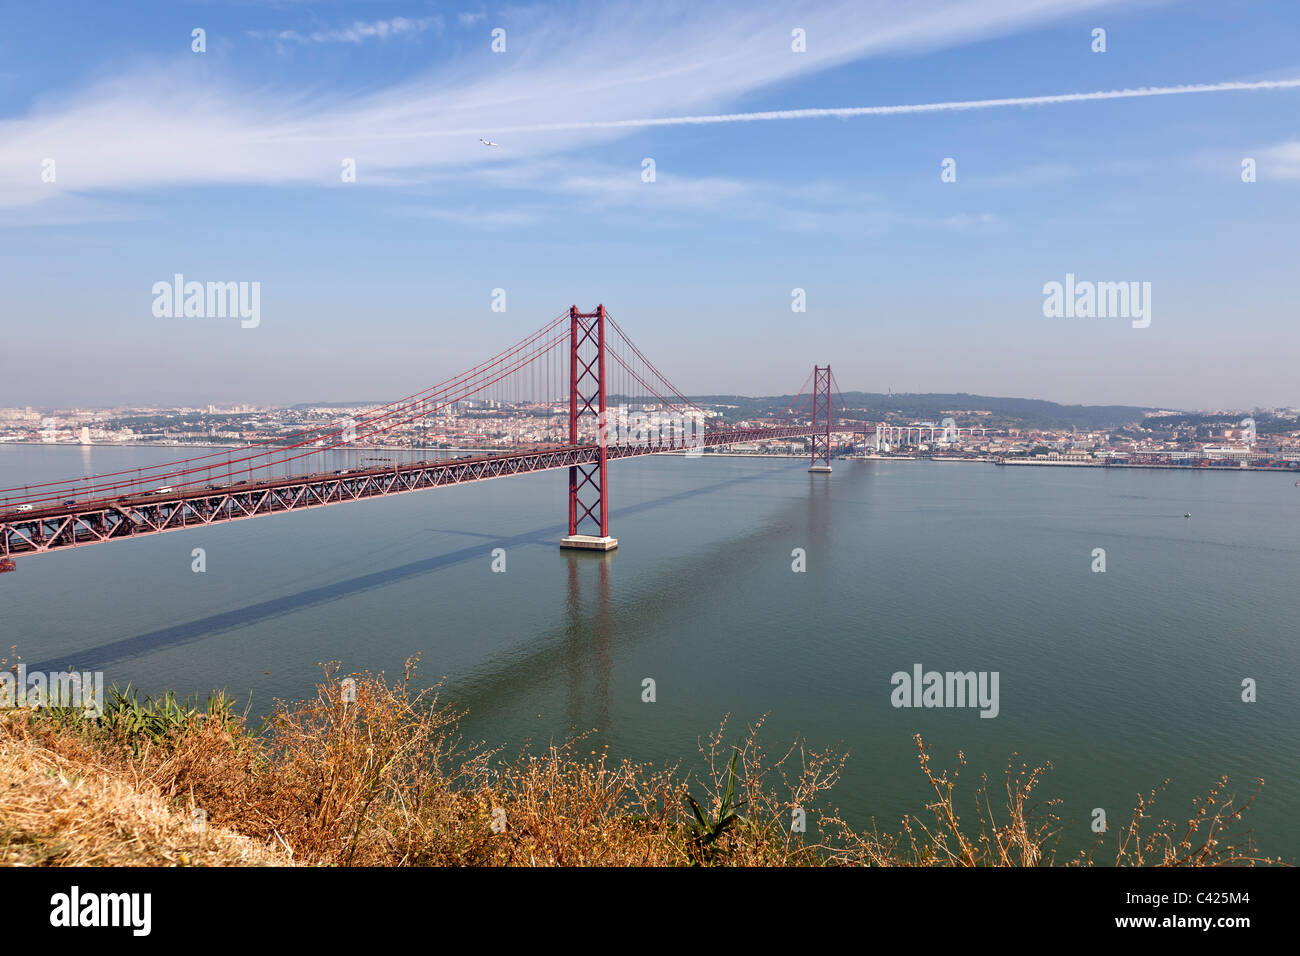 Lissabon Fluss 25 de abril hängebrücke lissabon portugal roter fluss lisboa